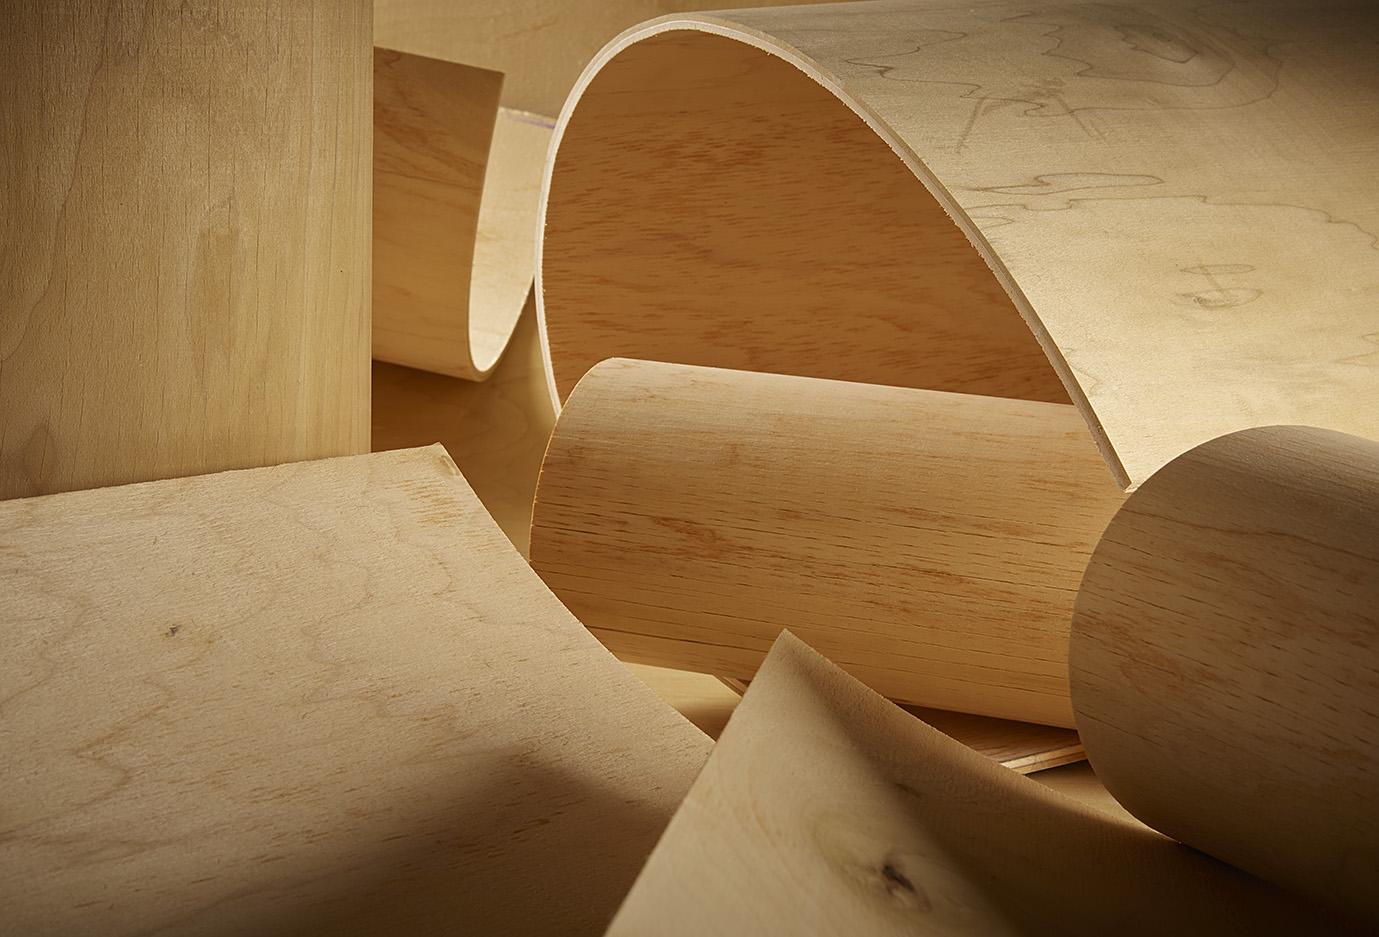 Radius bending plywood bendable flexible